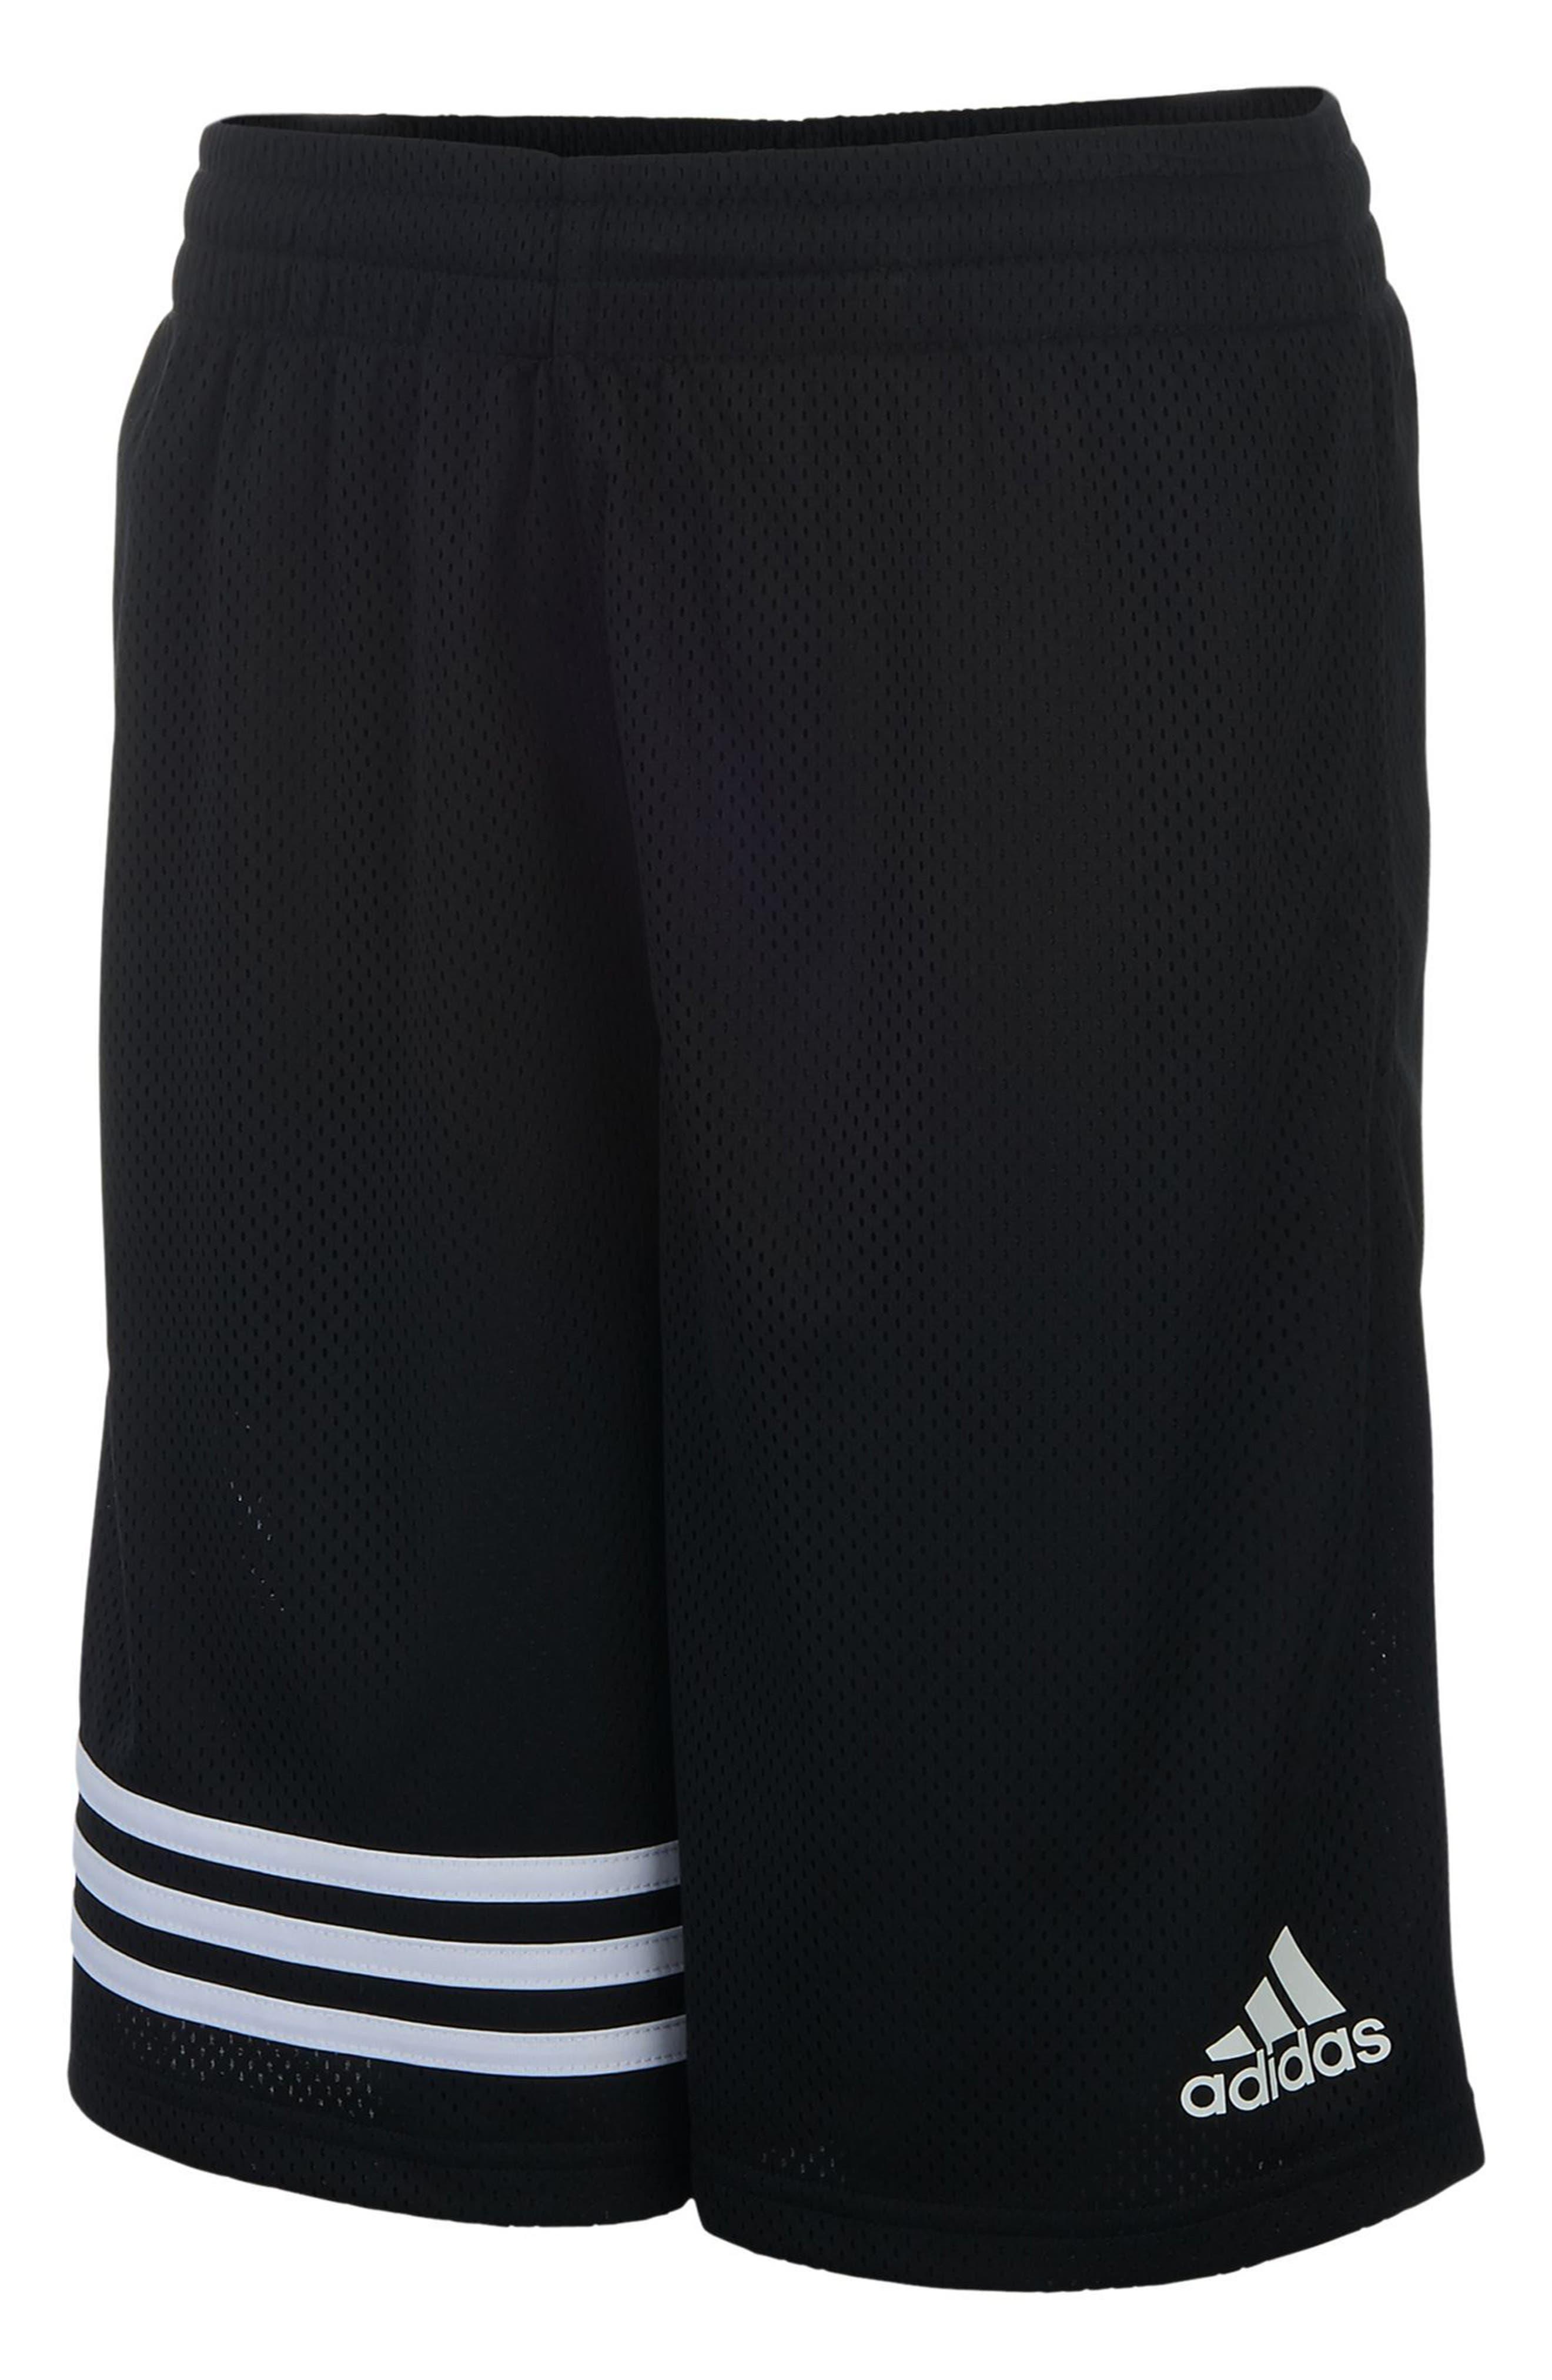 adidas Replenishment Defender Shorts (Big Boys)